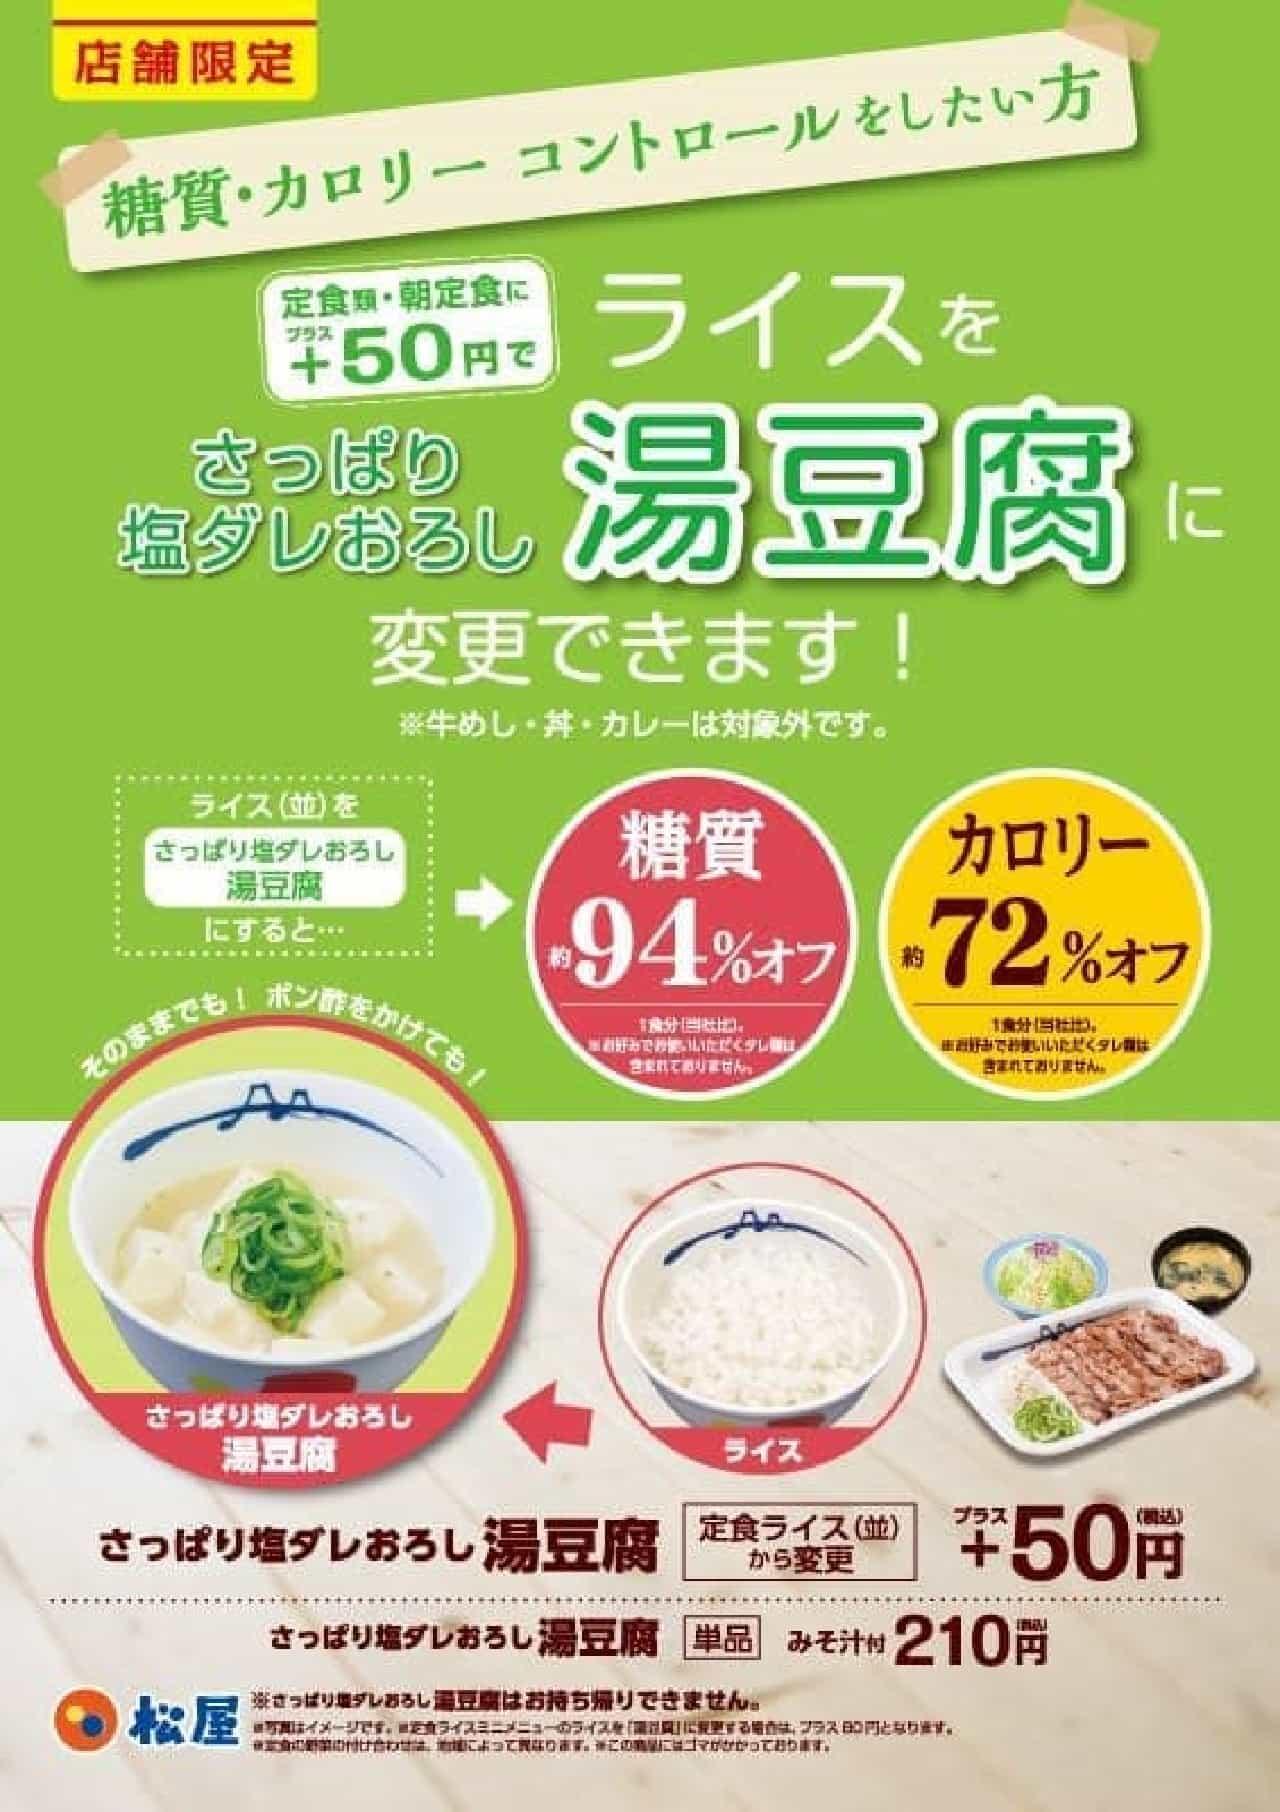 松屋 ライスを「湯豆腐」に変更できるサービス開始